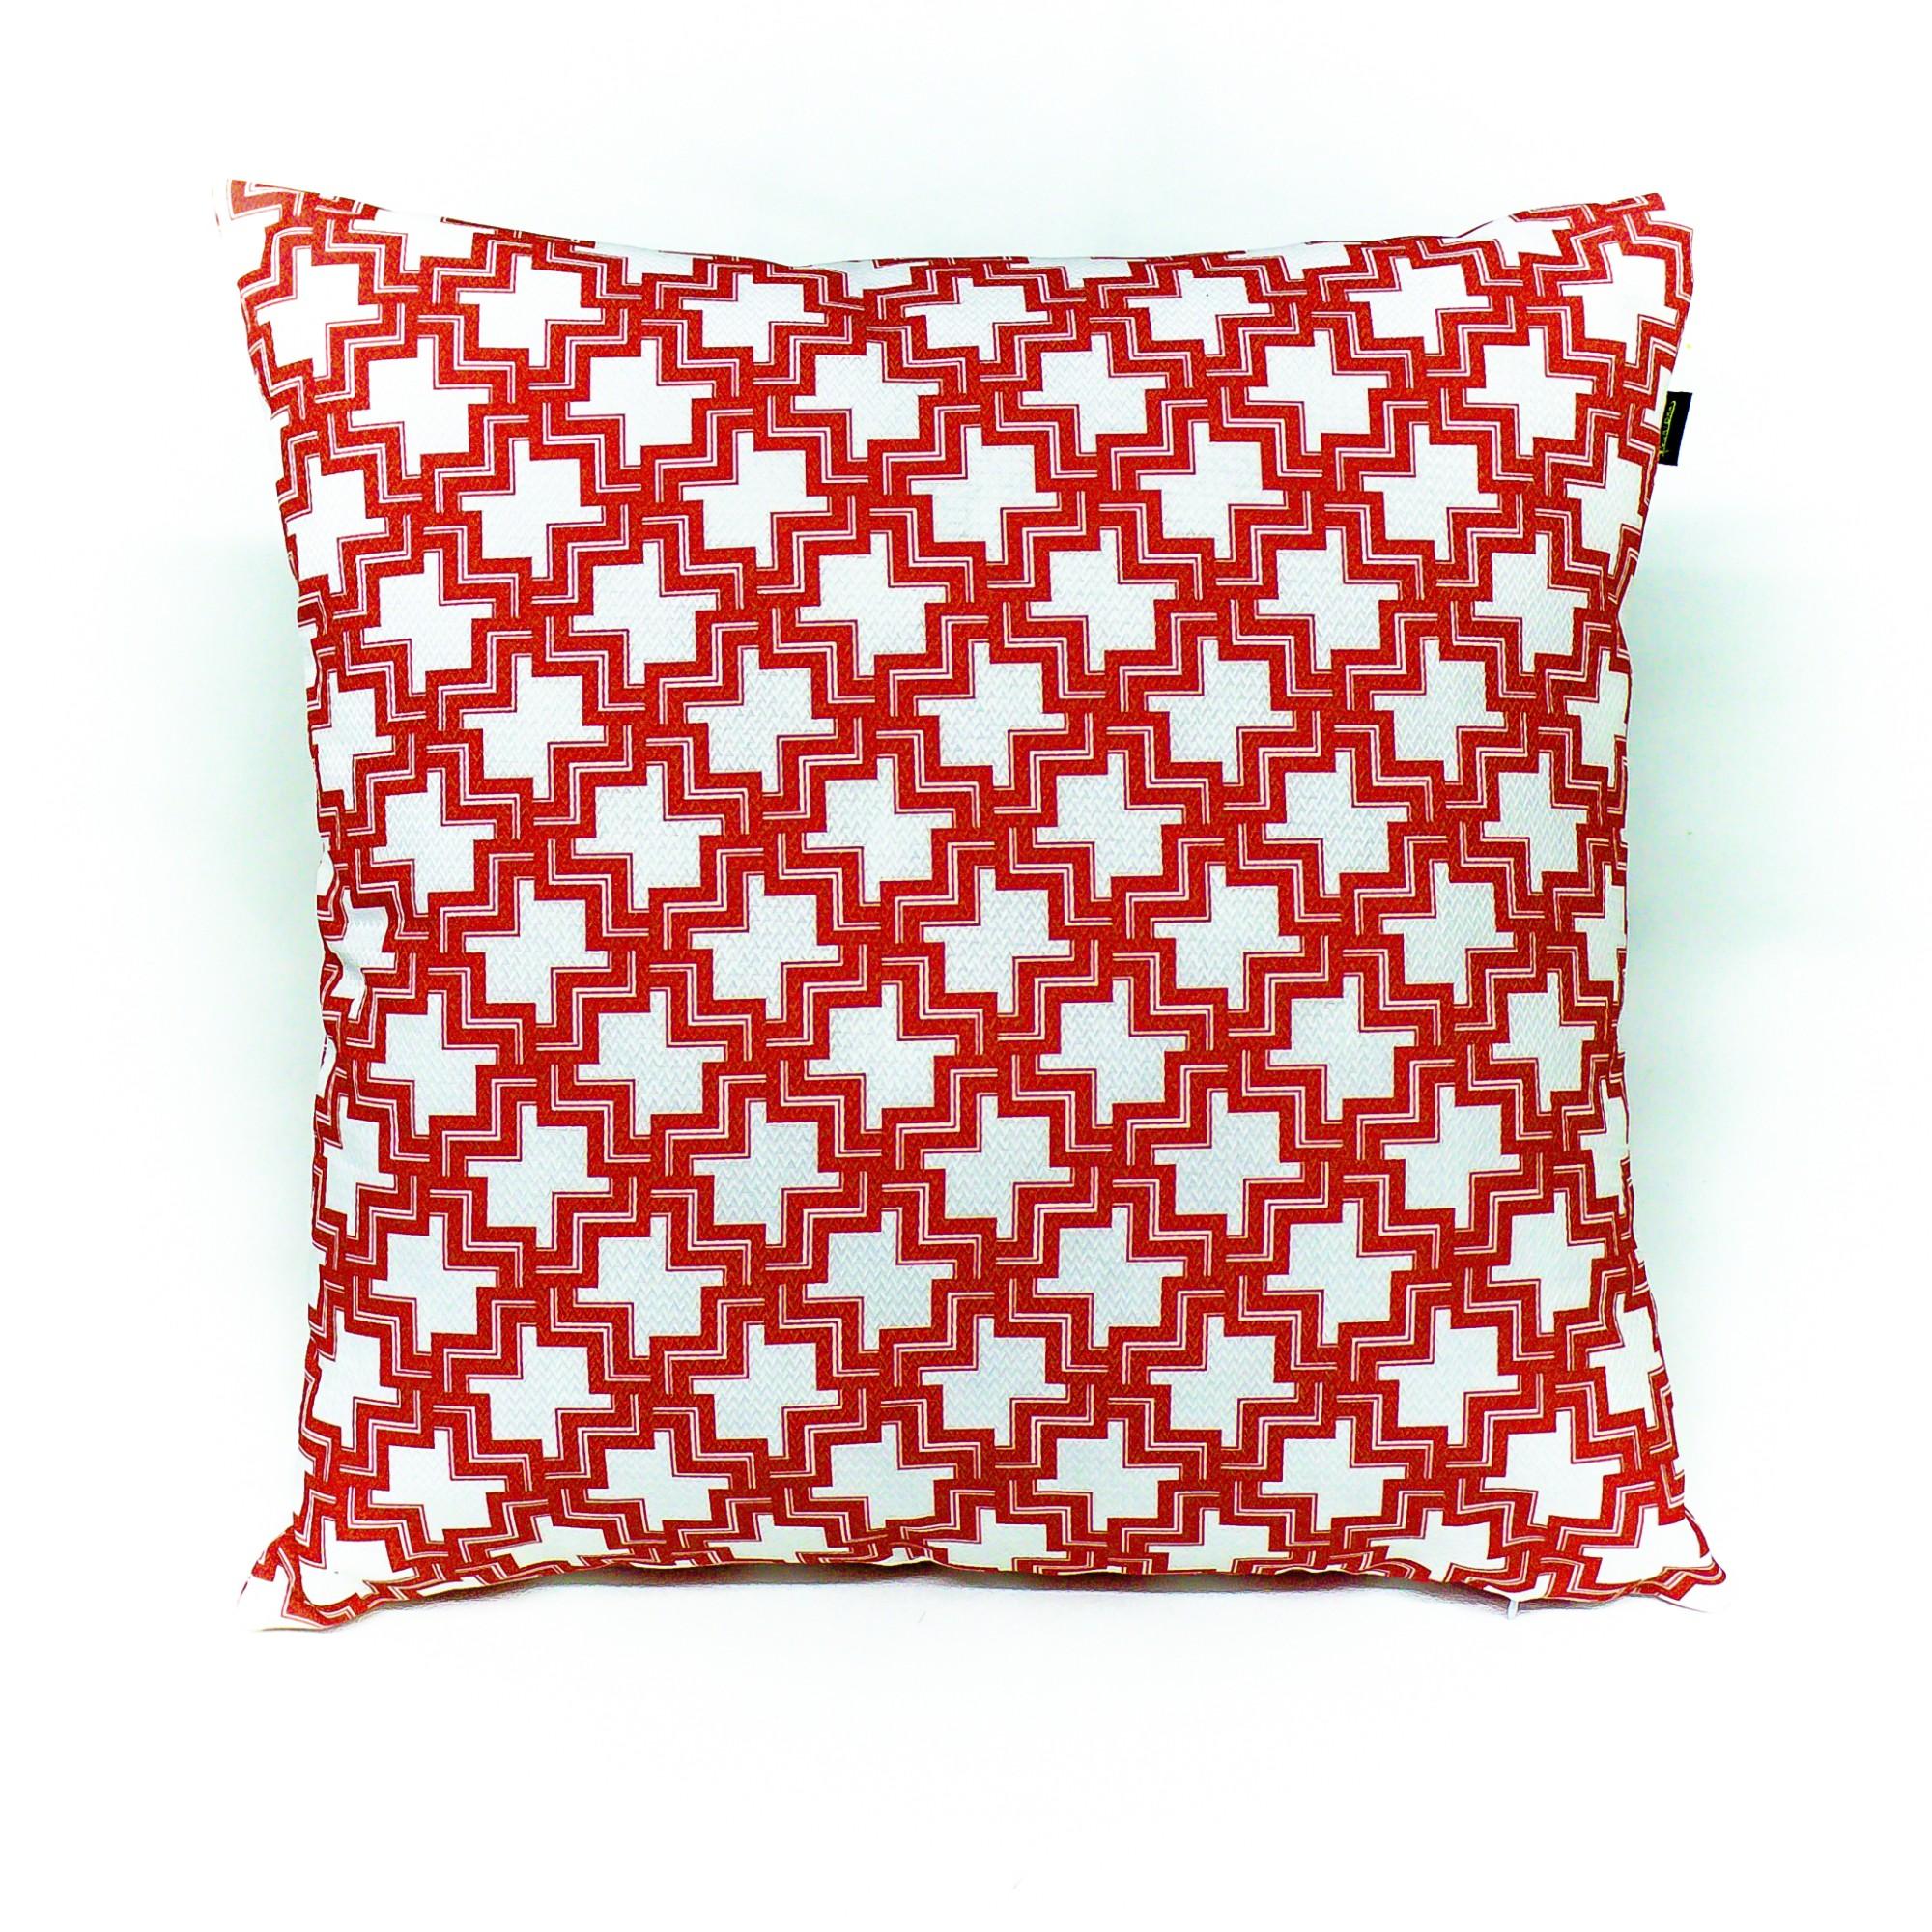 Almofada Capitolio 50x50cm Vermelho 502002 - Cortbras